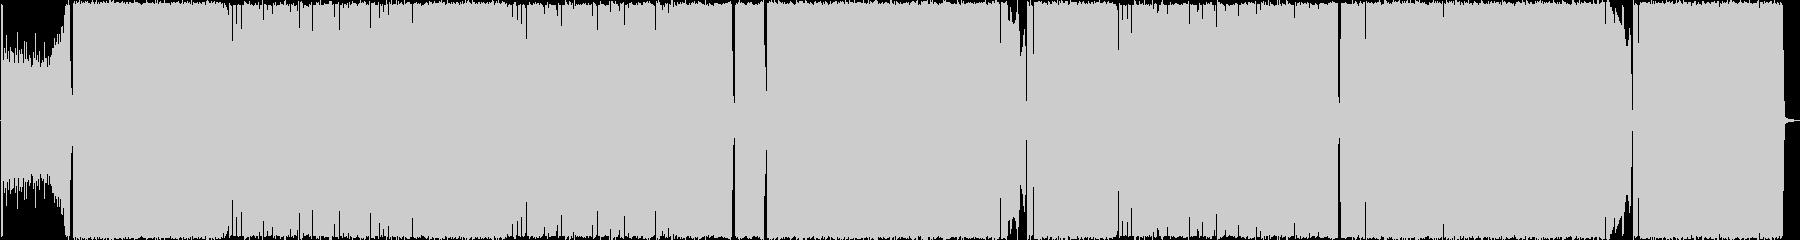 ギターメインのダンサブルハードロックの未再生の波形